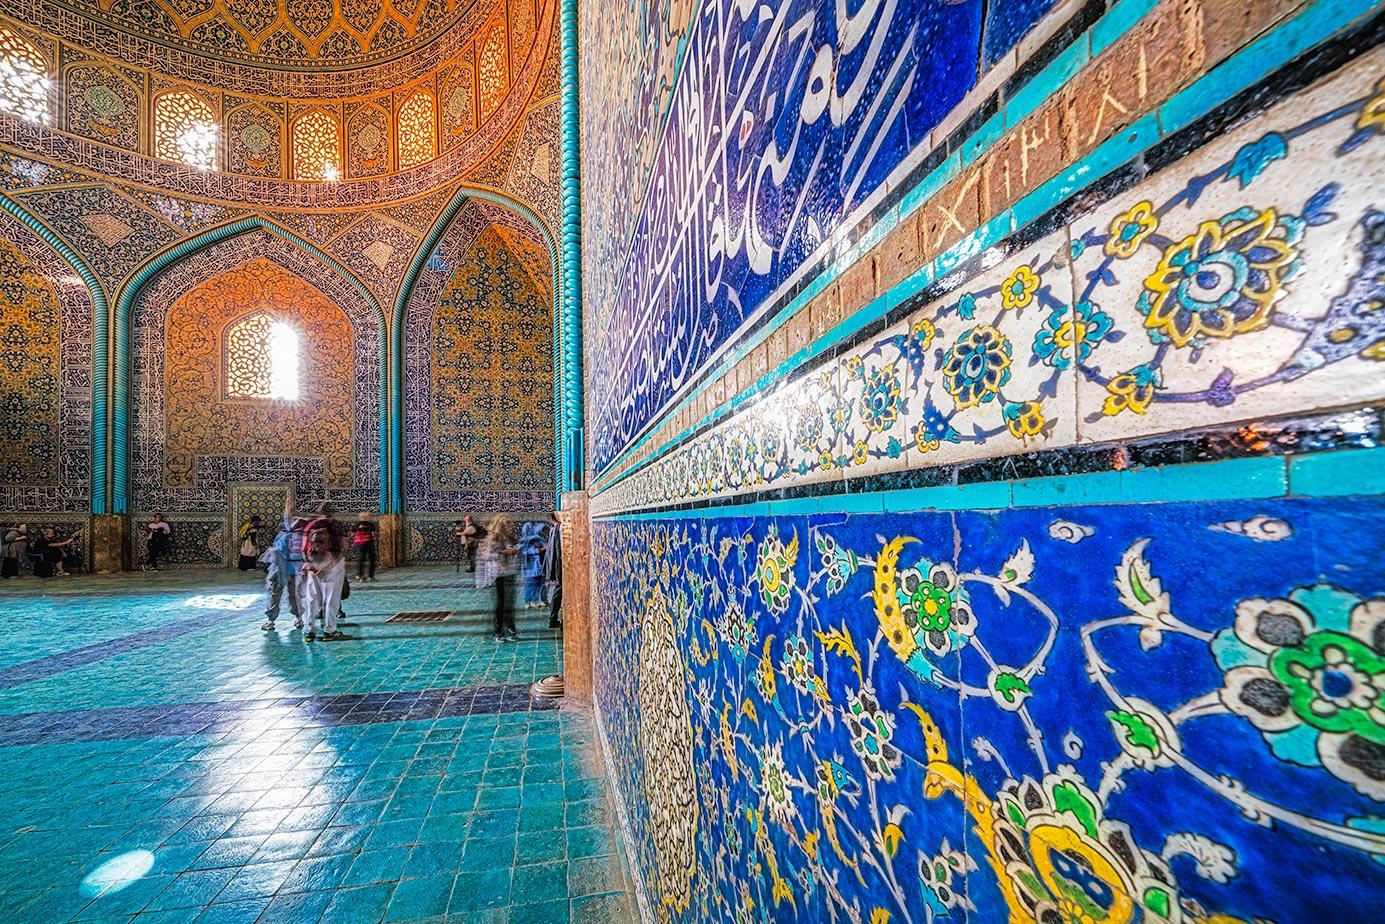 Eine Moschee in Isfahan fotografiert auf einer Fotoreise durch den Iran.